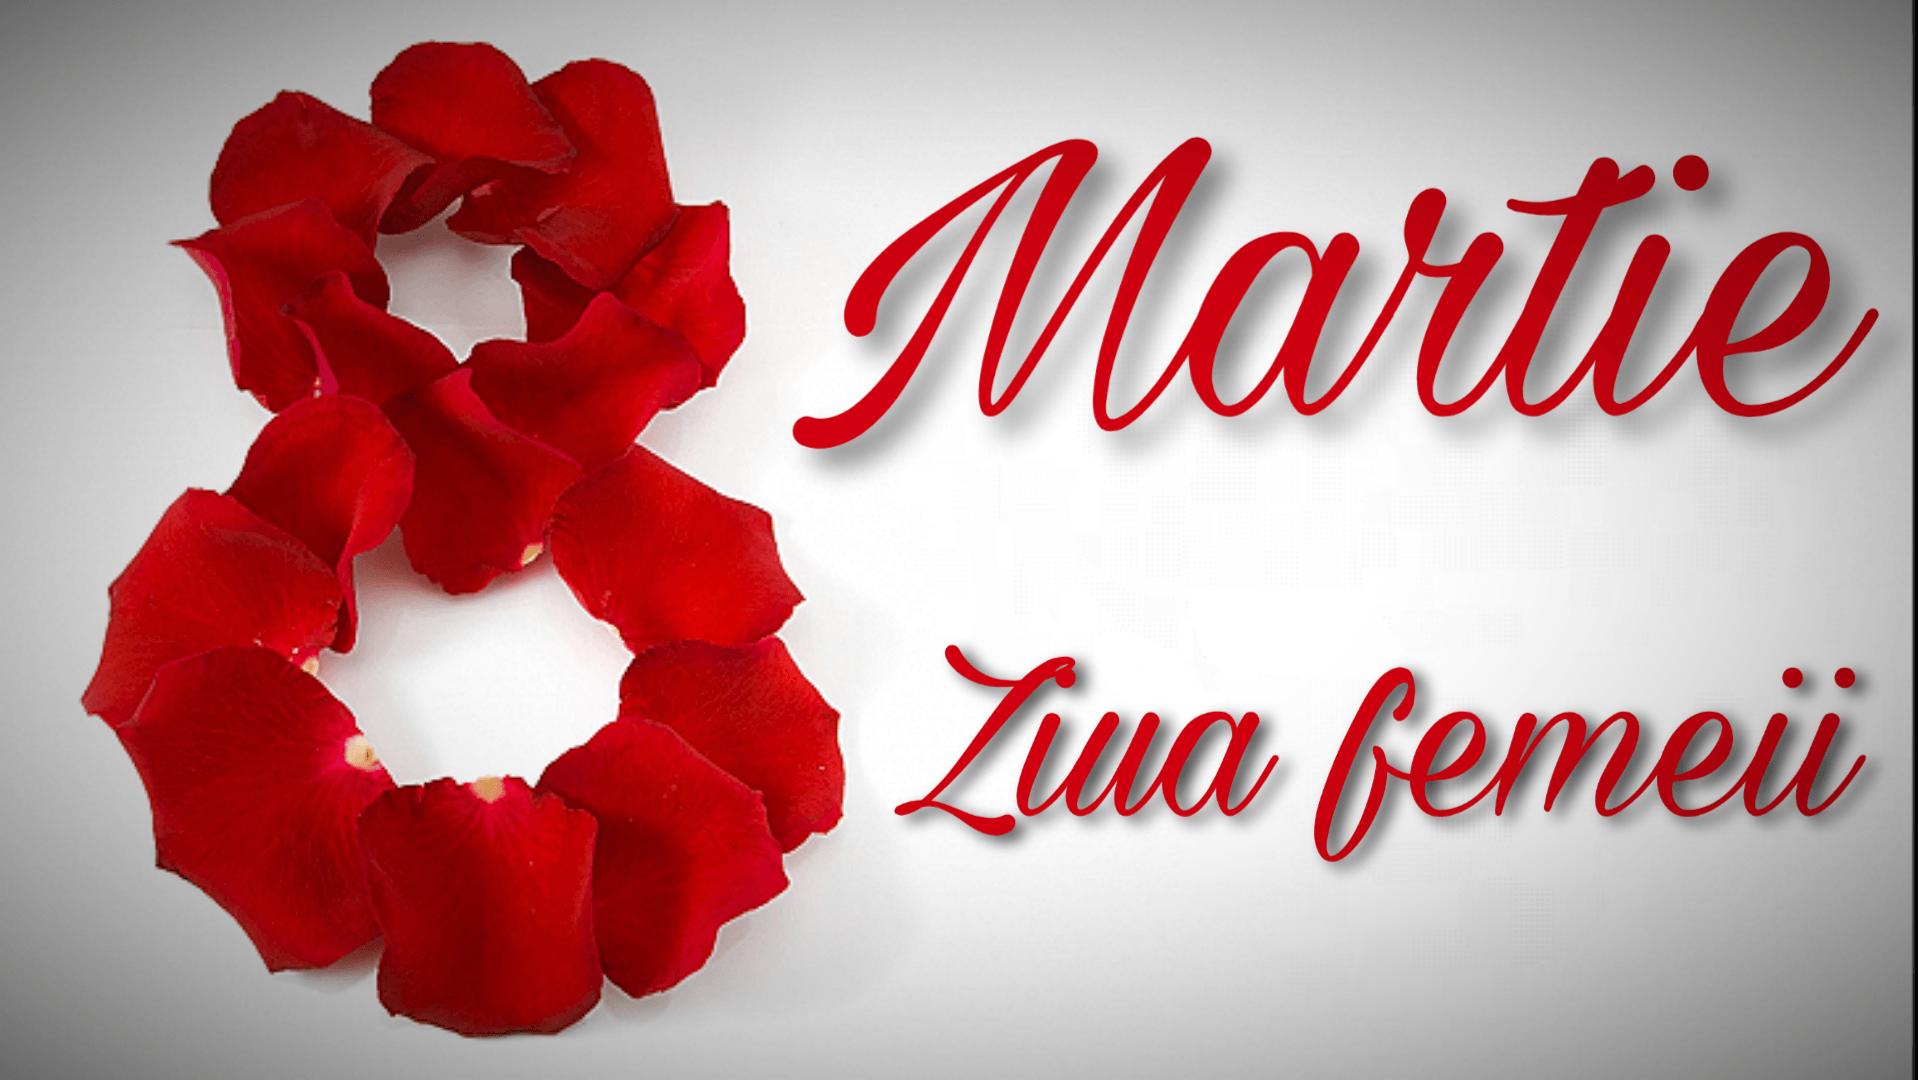 Ziua de 8 Martie! Ziua femeii: istoric, tradiții și obiceiuri de 8 Martie, în România și în lume